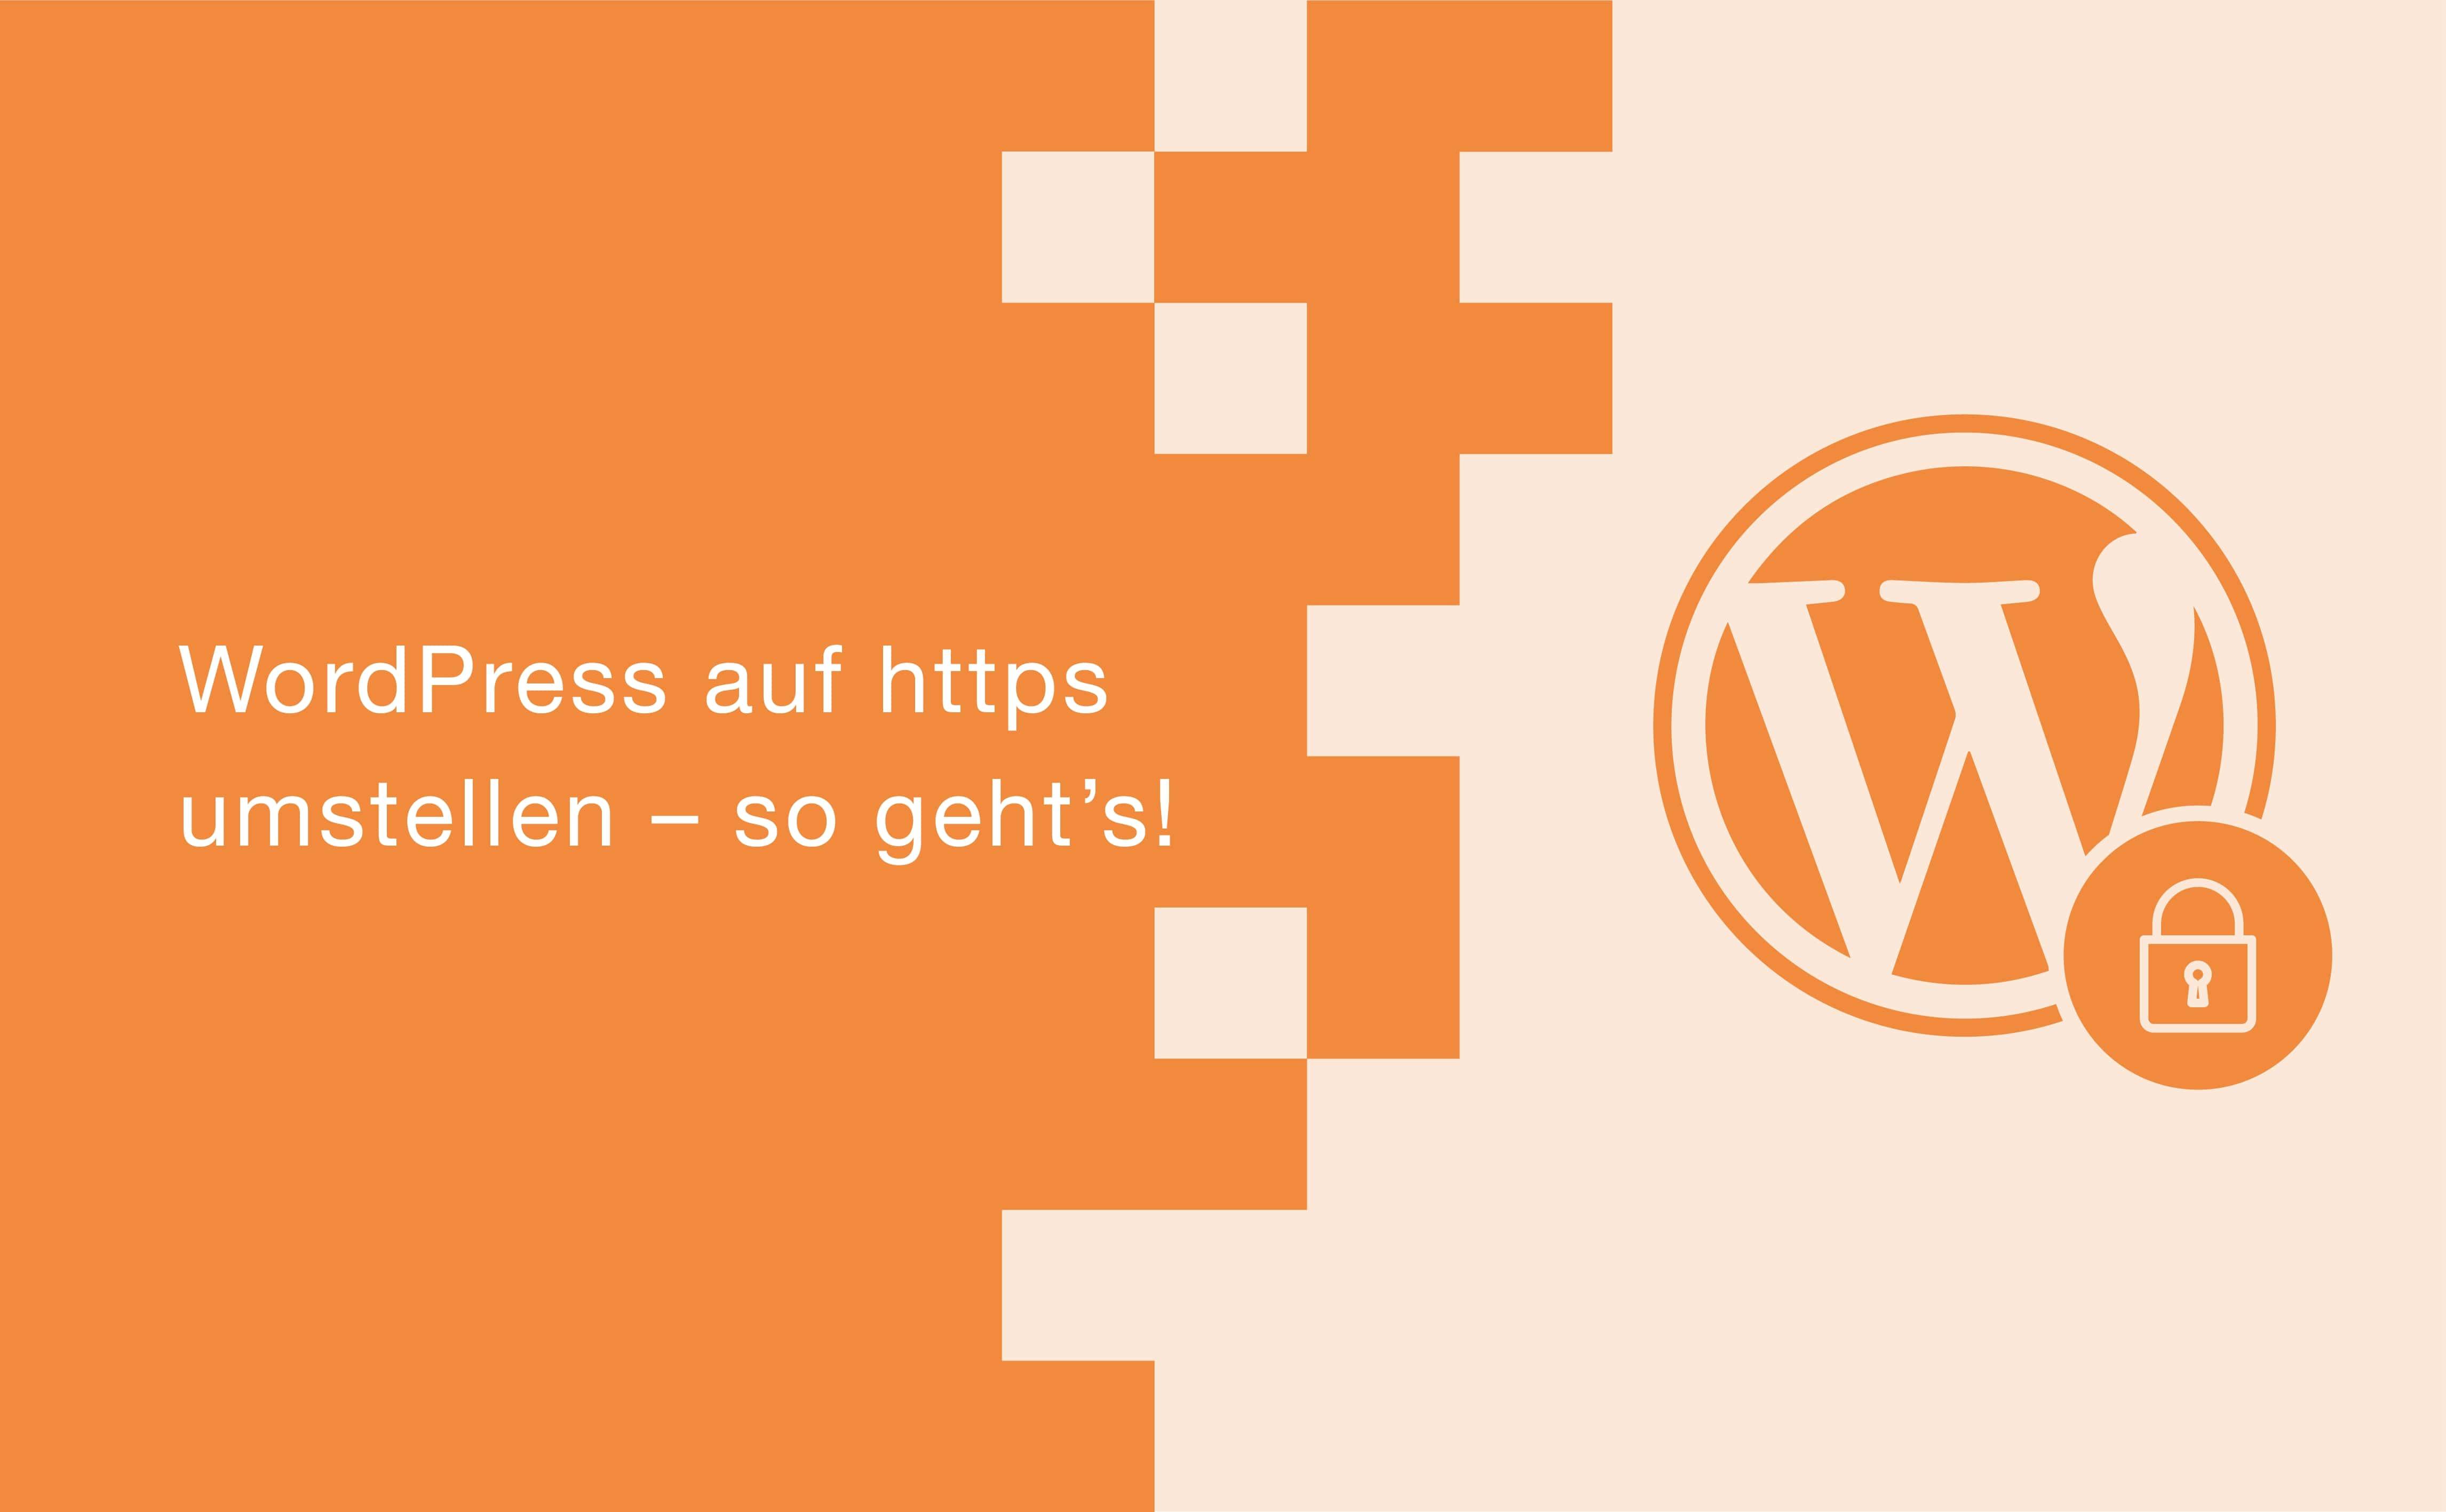 WordPress auf https umstellen – so geht's!